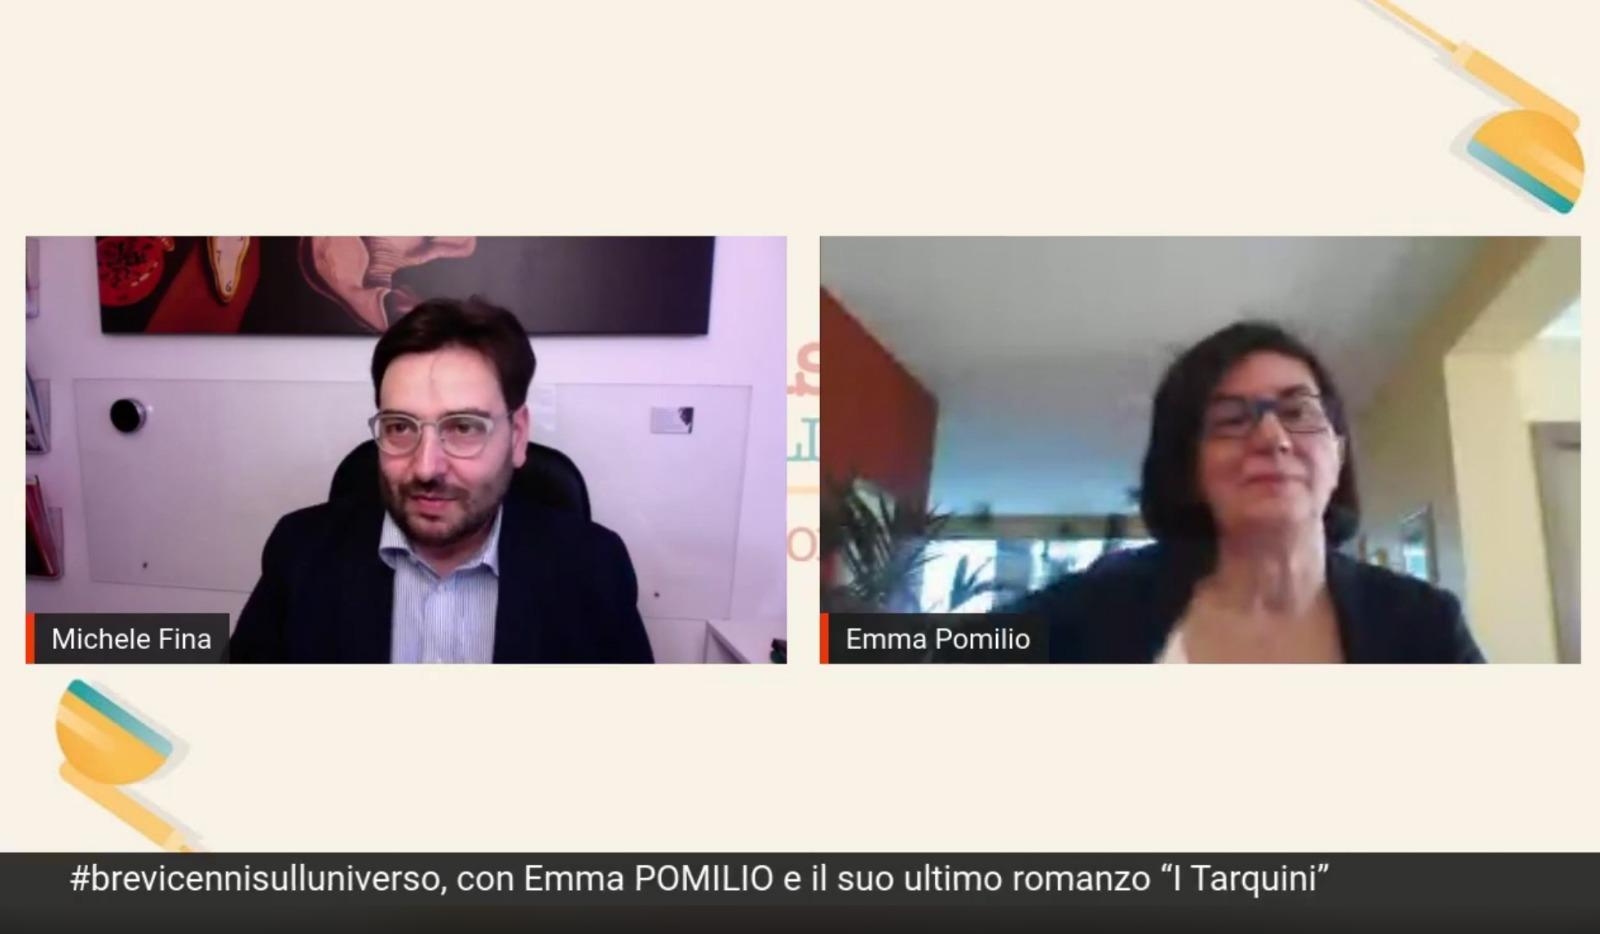 Quando il mondo politico incontra quello culturale: il confronto tra Michele Fina ed Emma Pomilio